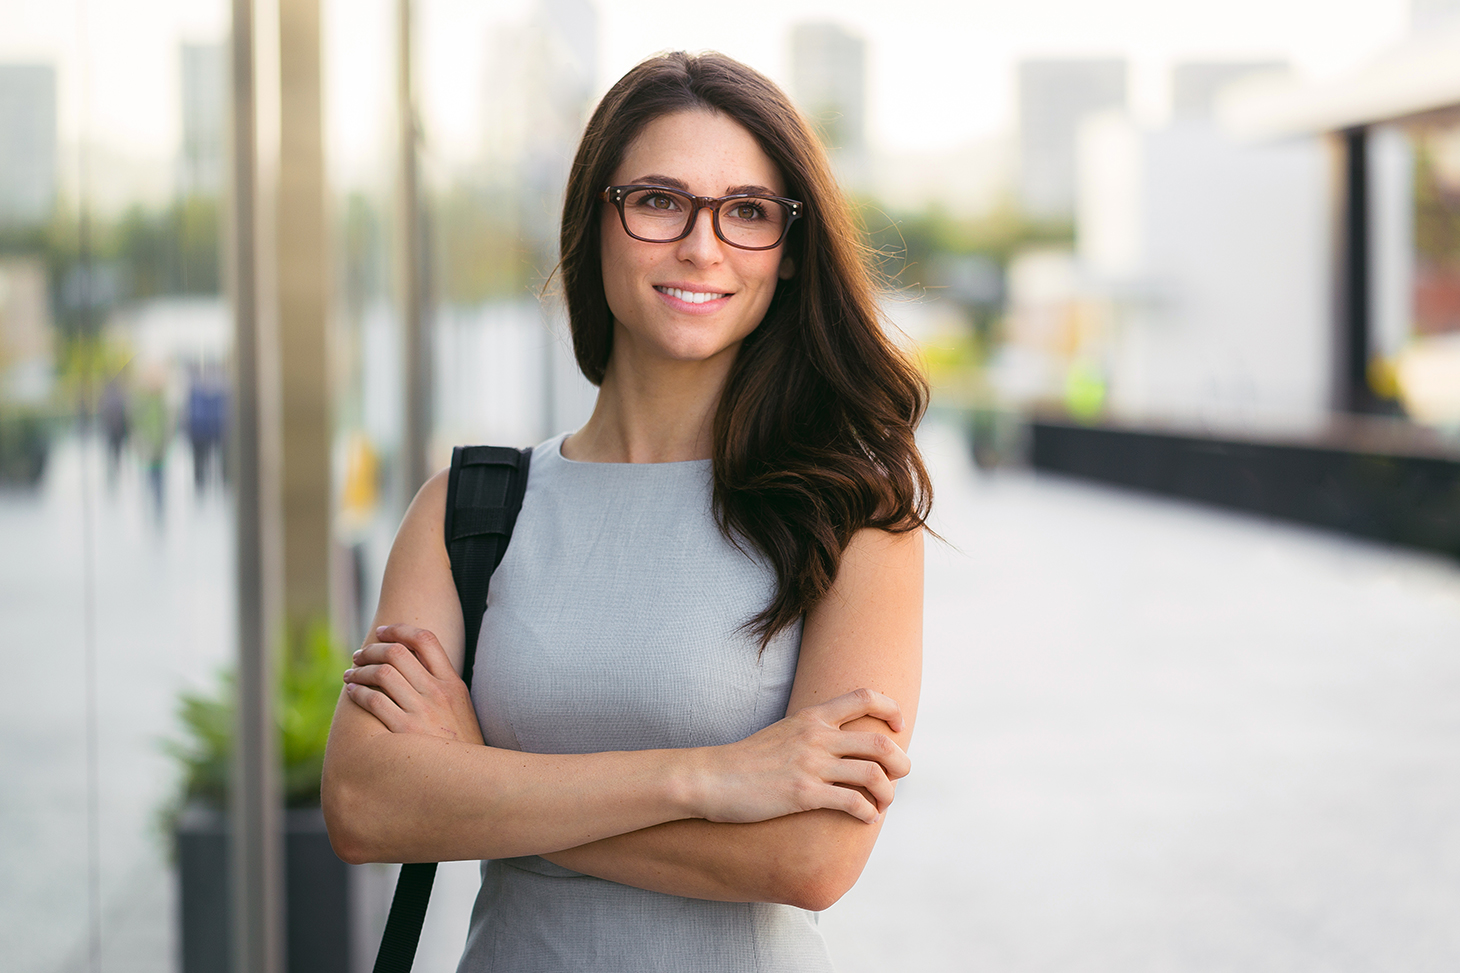 Une étudiante entrepreneur